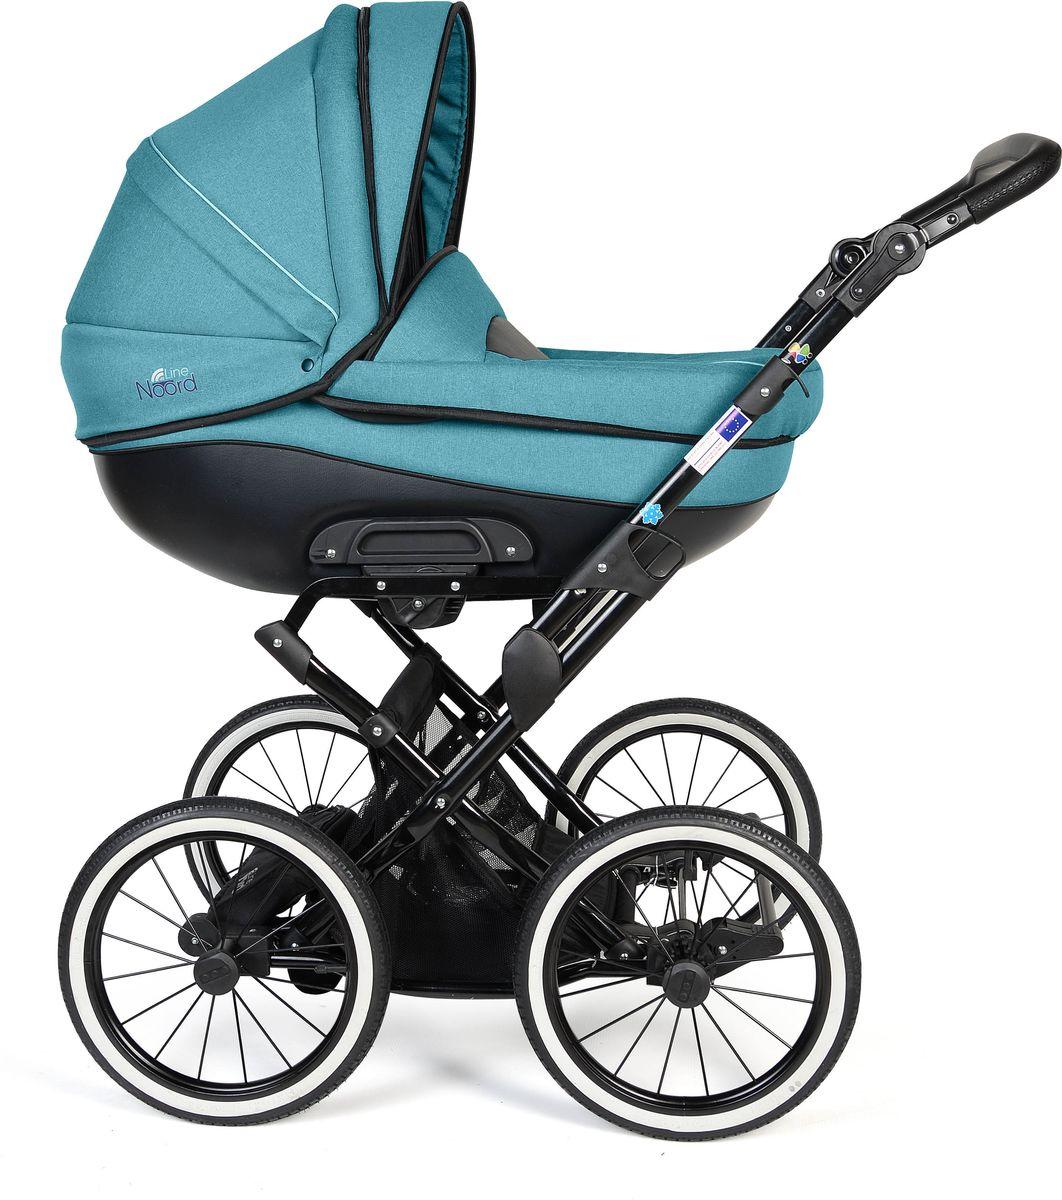 Noordline Коляска универсальная 2 в 1 Оlivia Classic цвет голубойNL-OL2-CL-AQМодель коляски на классическом шасси с ременной амортизайцией- самой мягкой на сегодняшний день. Ремни позволяют раскачивать коляску в разных направлениях (вдоль и поперёк) и быстро укачивать малыша, что особенно важно для новорожденных. Этот всесезонный вездеход рекомендуется детям с рождения до 3 лет. Большие надувные колеса легко снимаются, как и люлька с сиденьем, если необходимо сложить шасси для дальнейшей транспортировки в багажнике либо в руке одного из родителей. Преимущества данной модели перед колясками другого производителя: Надувные колеса-вездеходы, не требующие постоянной подкачки. Достаточно одного-двух раз в год проводить подкачку с помощью подручного насоса, включая велосипедный. Крепкая металлическая рама устойчива к химическим реагентам, которыми посыпаются городские улицы. Обивка люльки и сиденья материалом, который легко чистится. Текстиль внутри крепится с помощью кнопок и может быть снят при первой необходимости. Современный внешний...